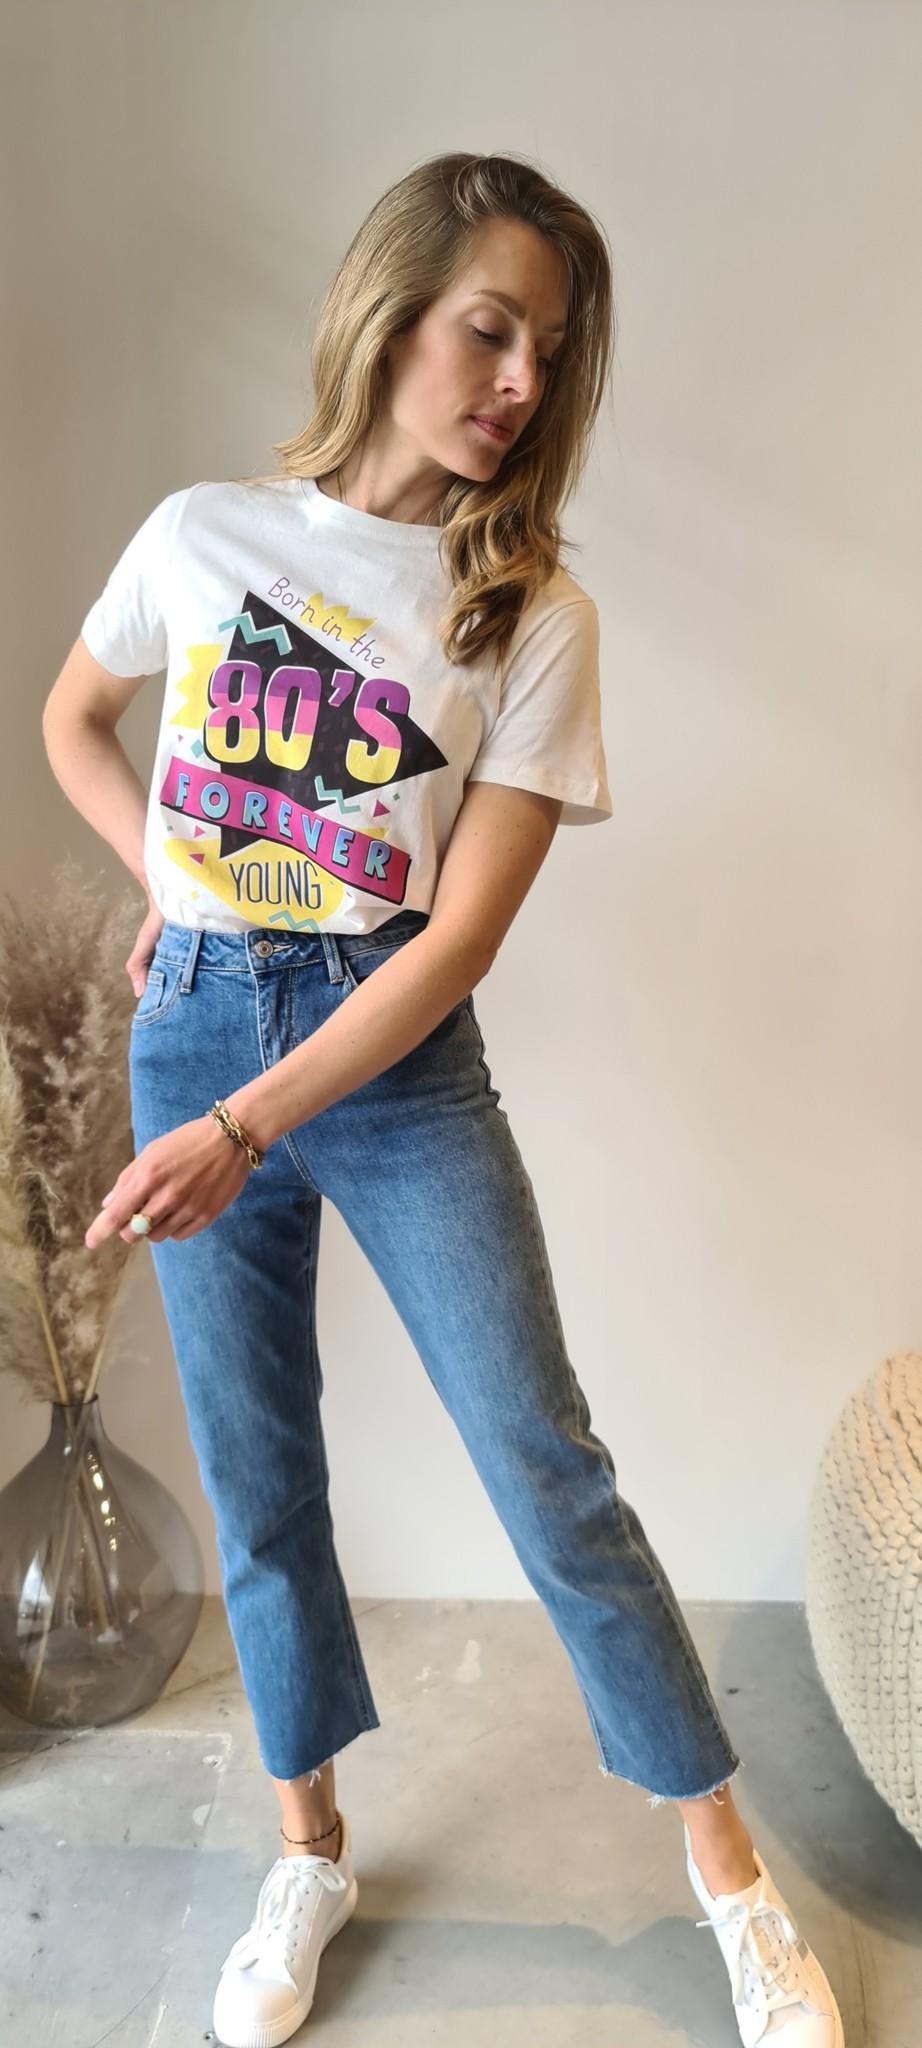 80'S FOREVER t-shirt-2